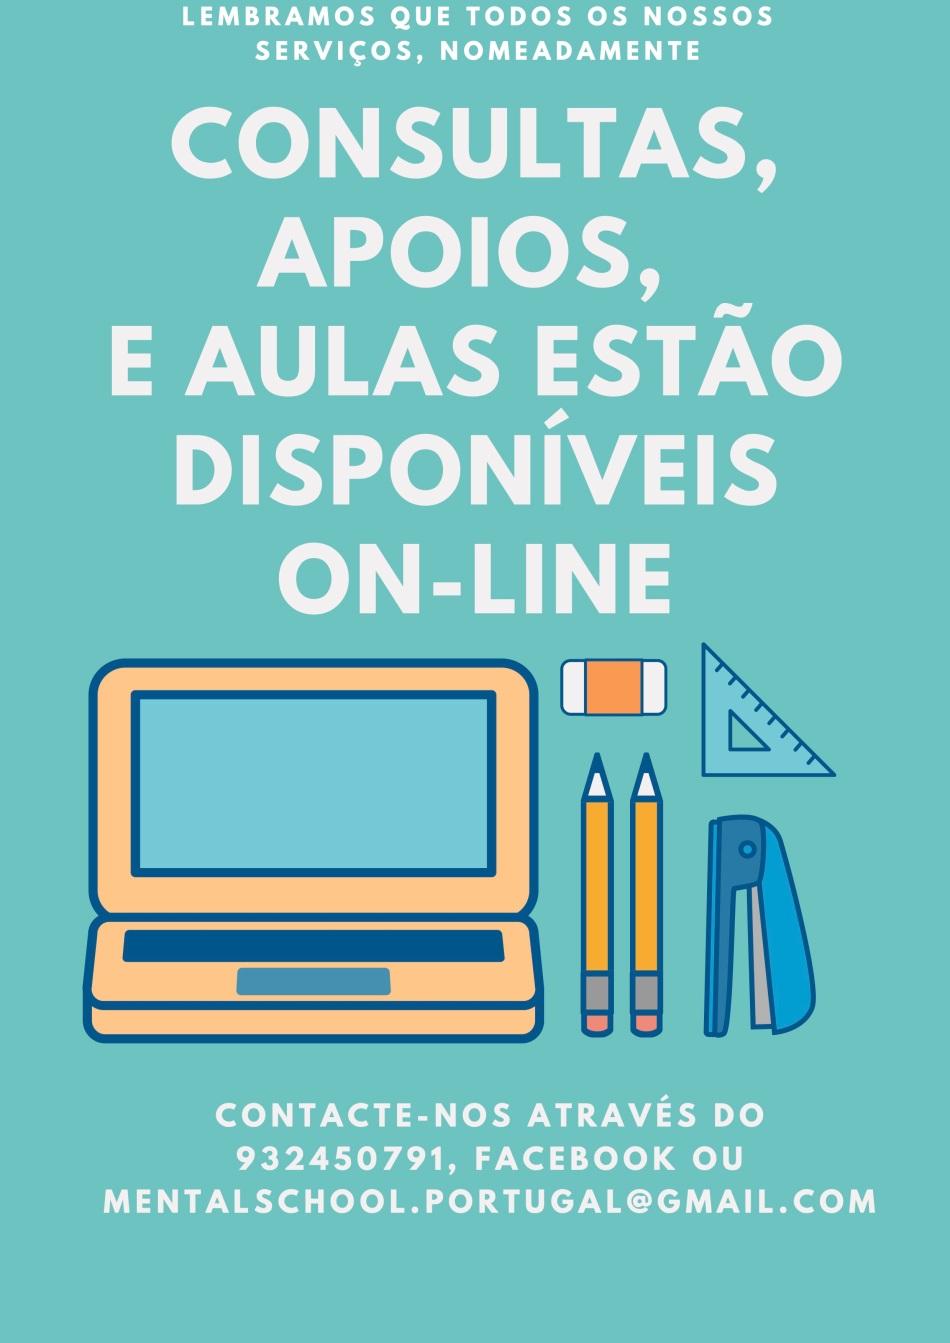 Para apoios ou aulas on-line